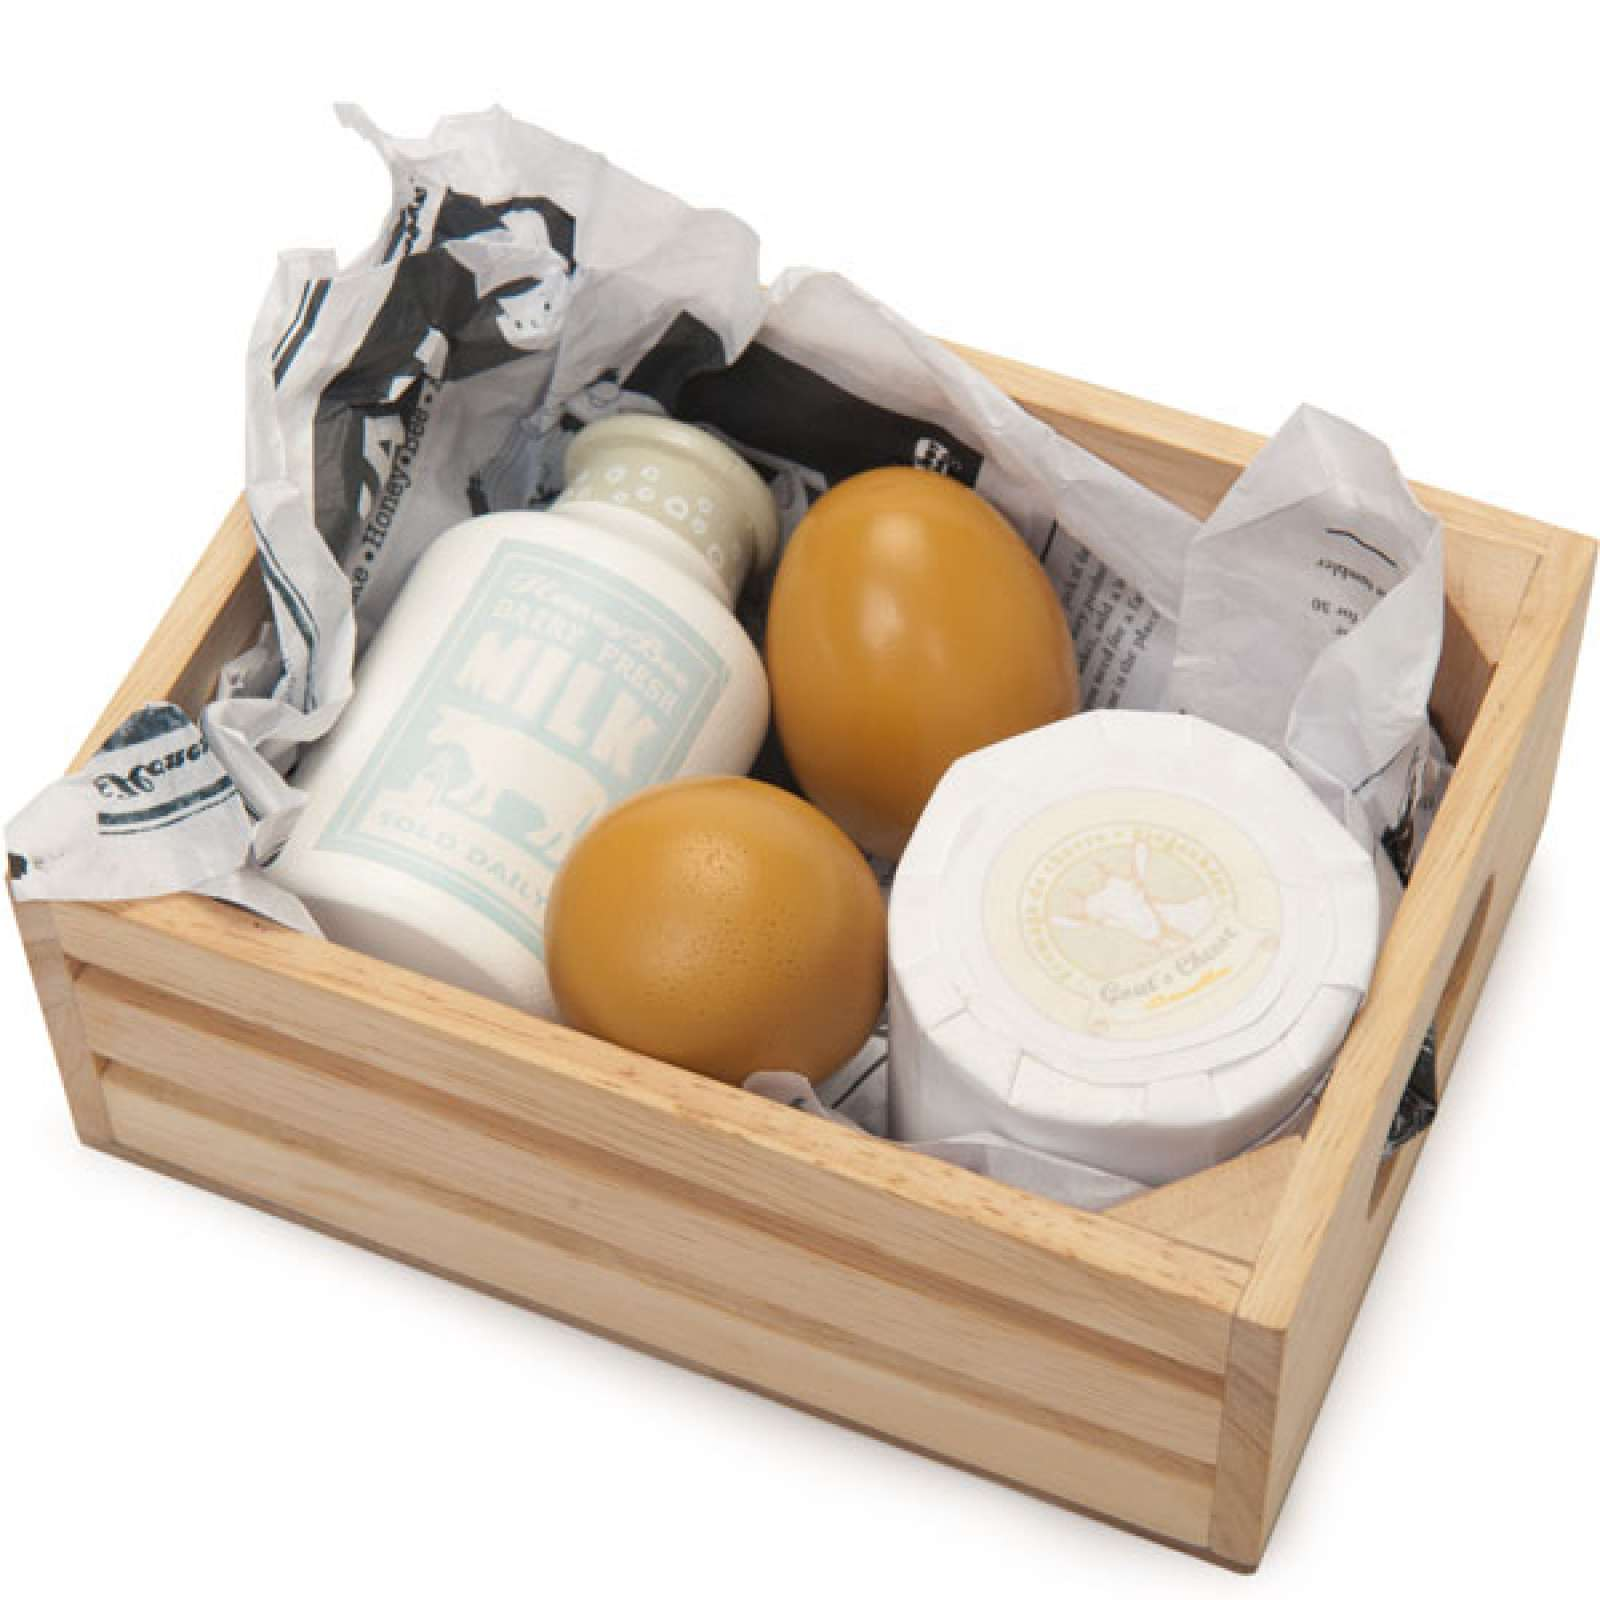 Еда игрушечная - Молоко, яйцо и сырДетская игрушка Касса. Магазин. Супермаркет<br>Еда игрушечная - Молоко, яйцо и сыр<br>